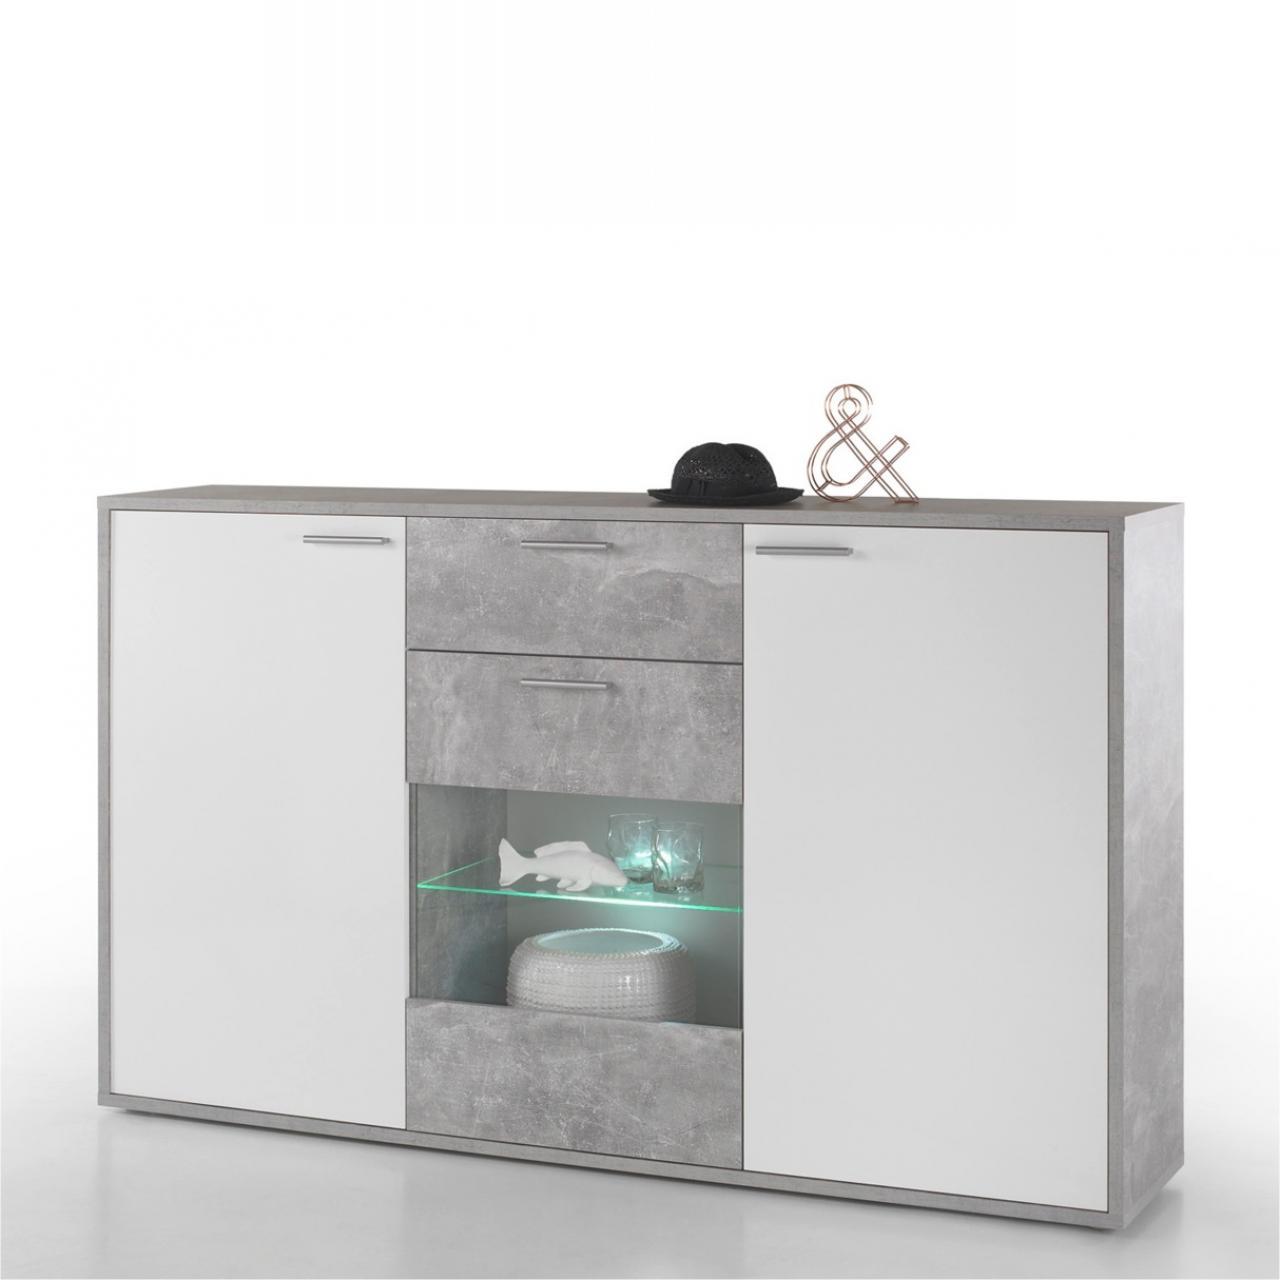 highboards online kaufen m bel j hnichen center gmbh m bel j hnichen center gmbh. Black Bedroom Furniture Sets. Home Design Ideas